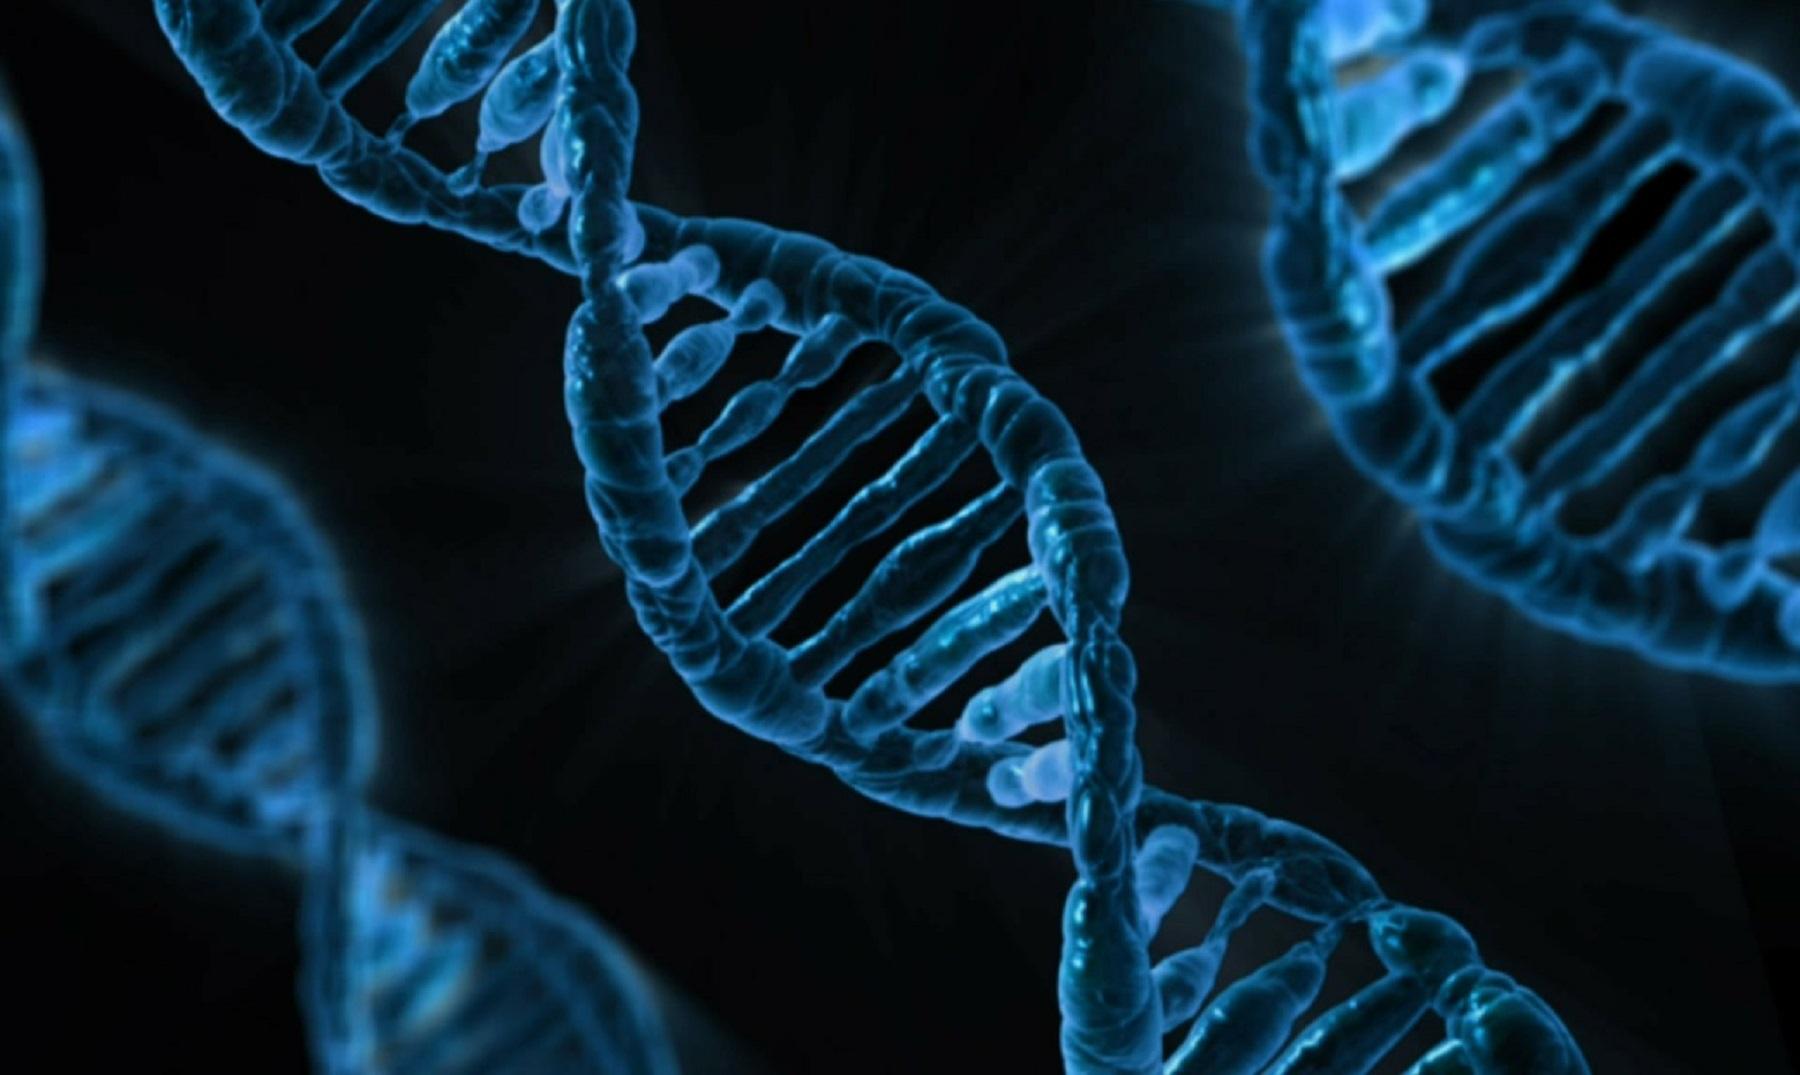 ¿Podría el ser humano vivir 500 años? Google lo afirma